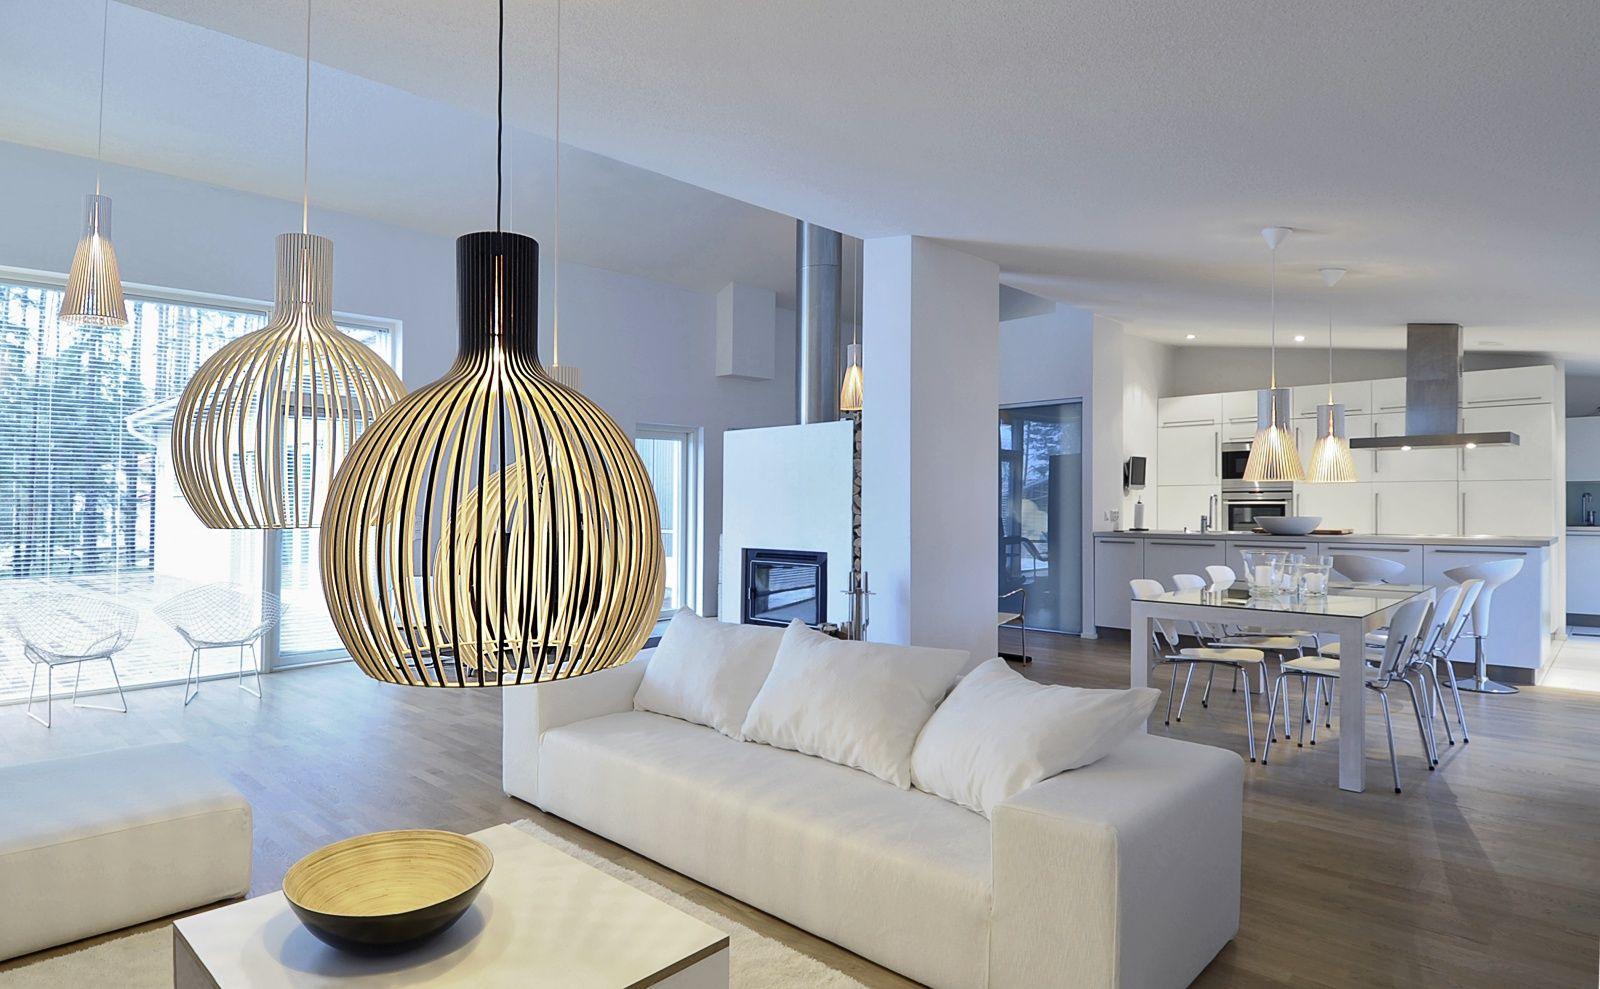 Verlichting In Woonkamer : Verlichting woonkamer design google zoeken lighting